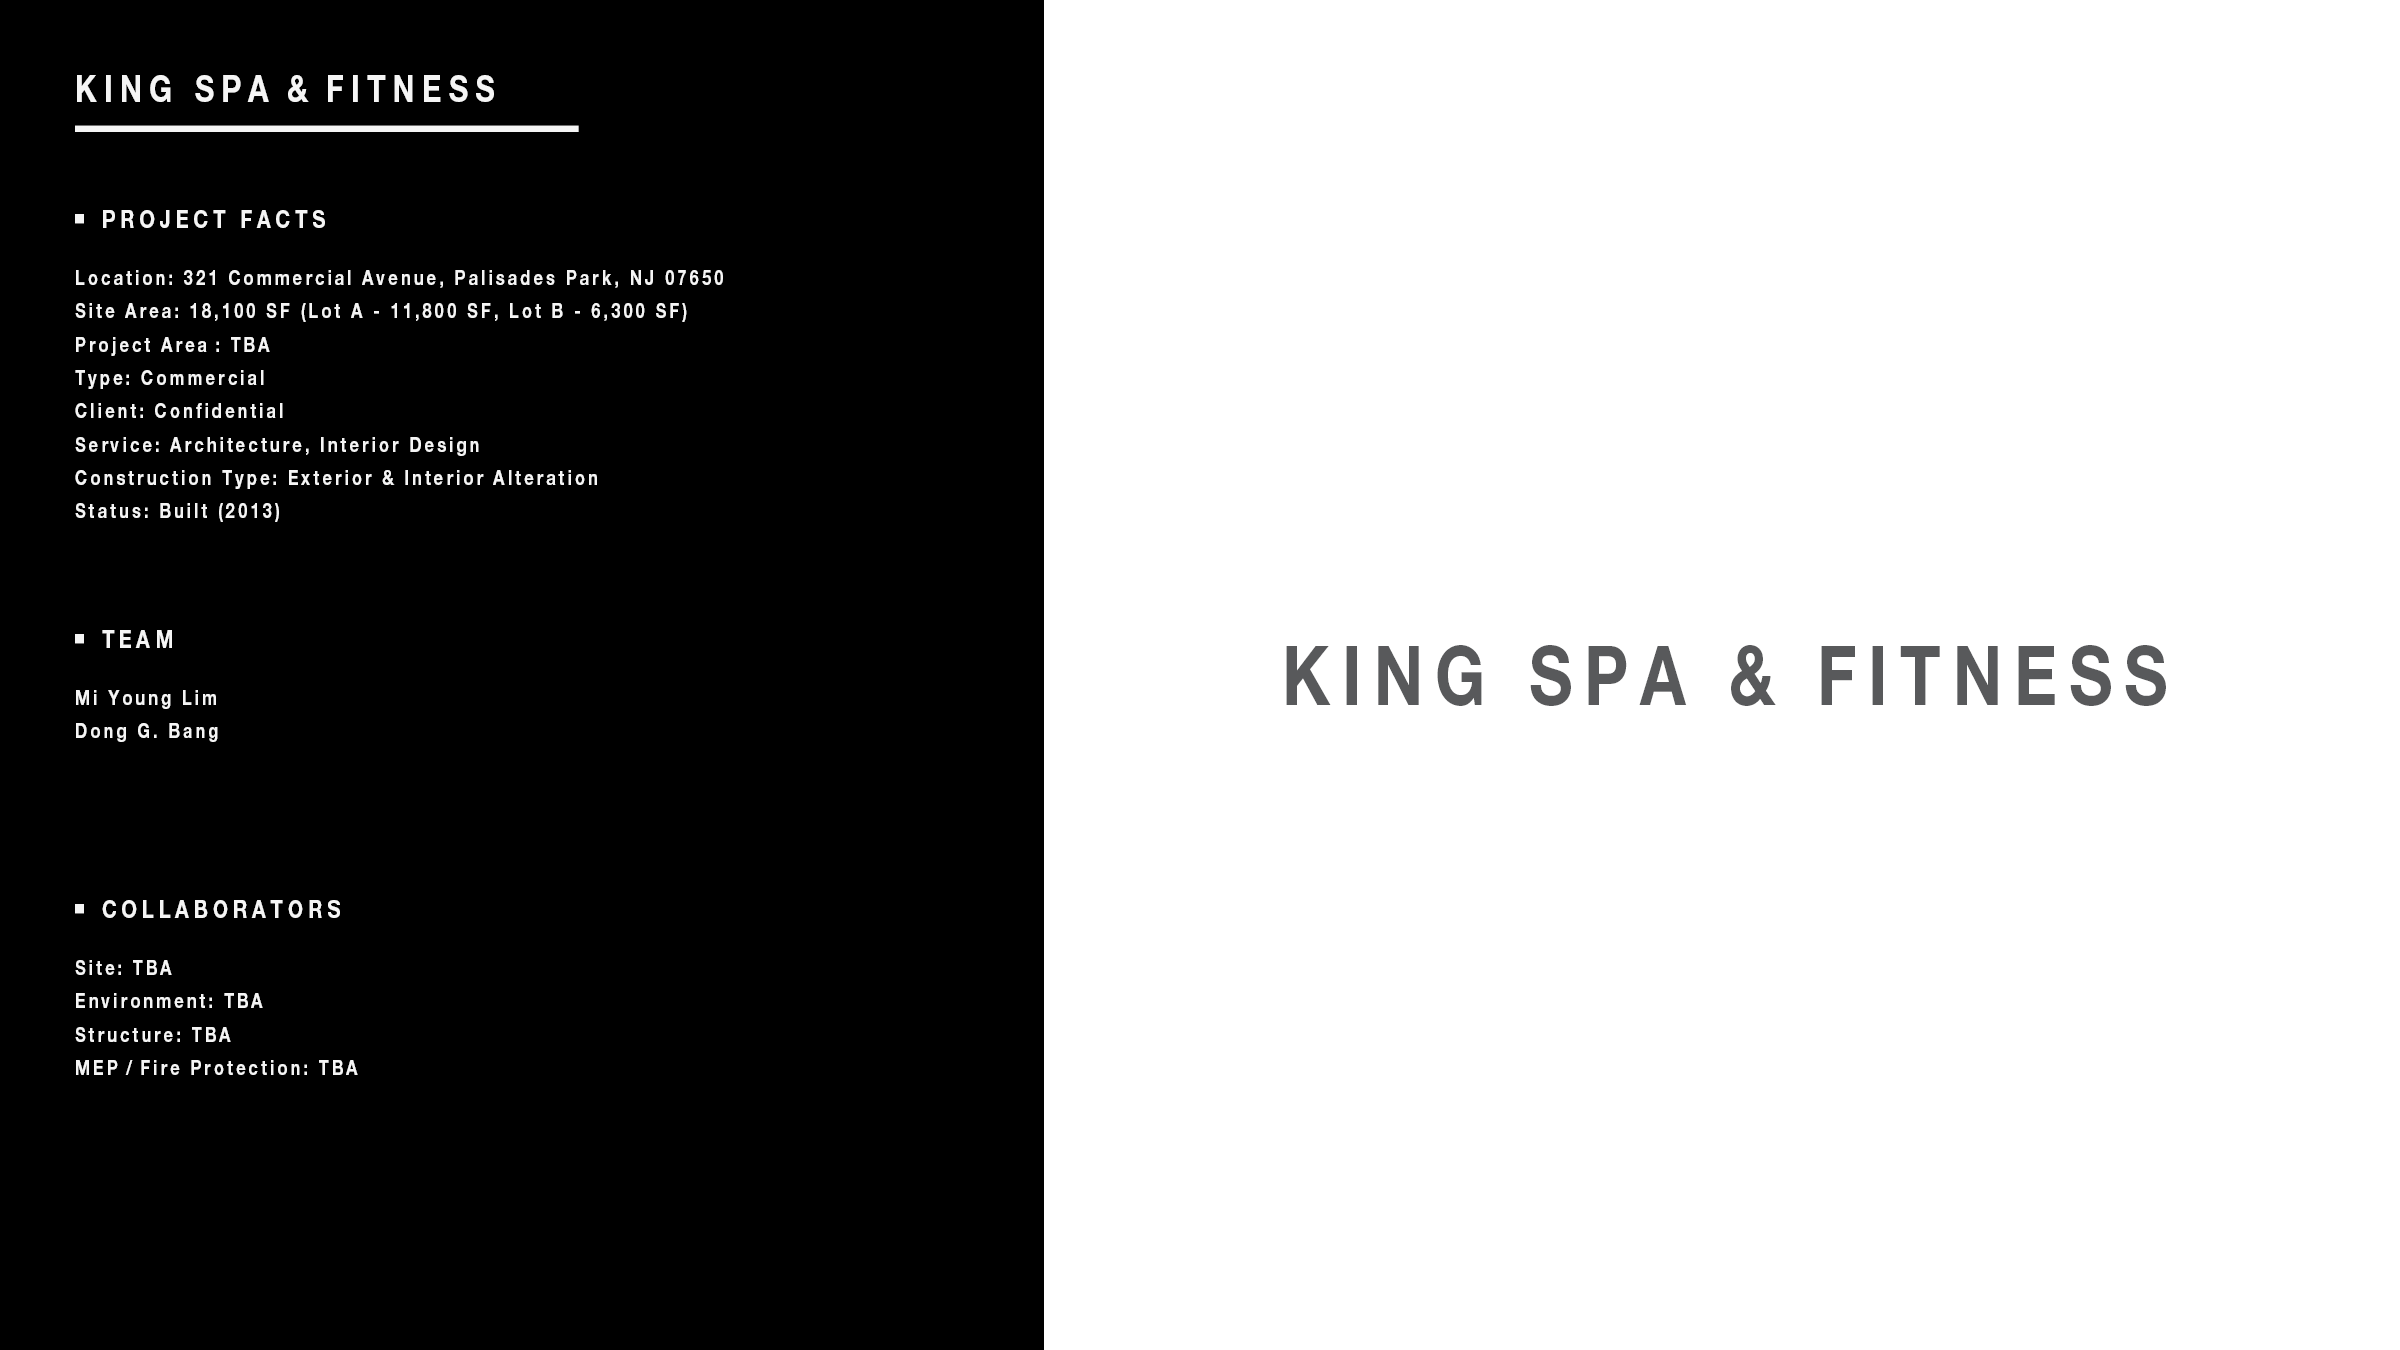 Pioli_King Spa and Fitness.png